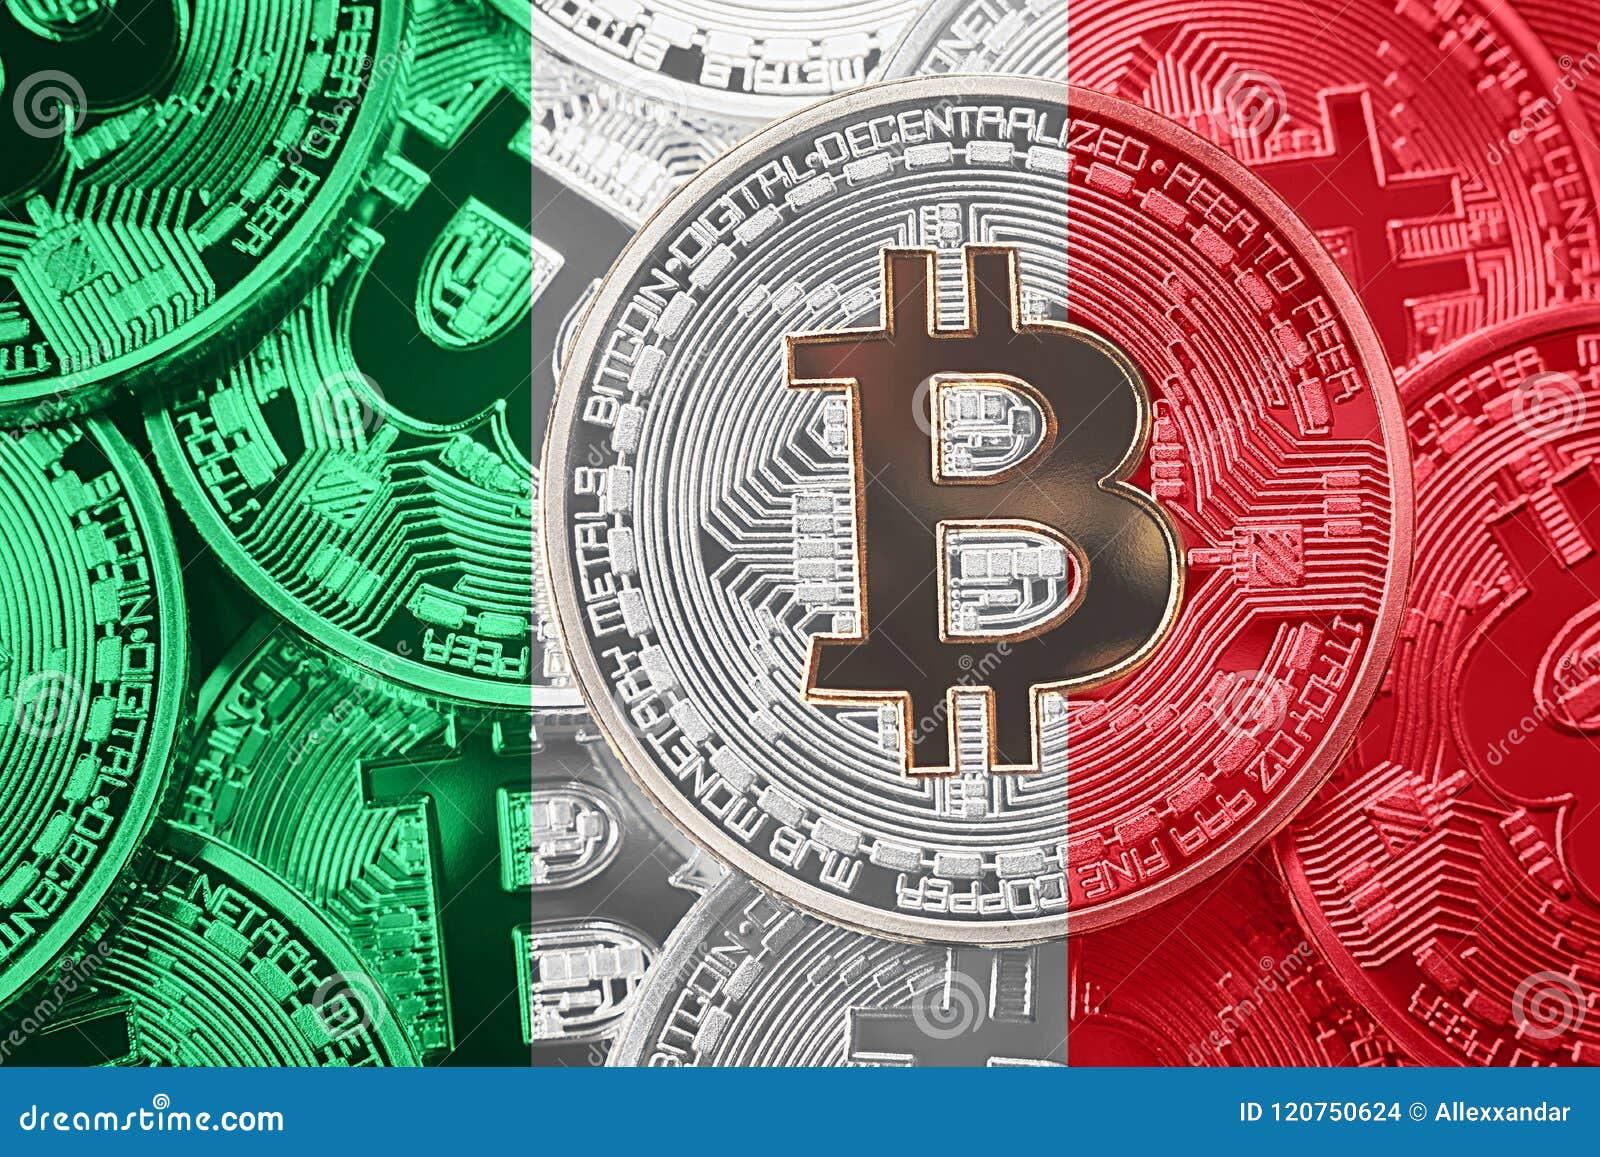 btc italia)